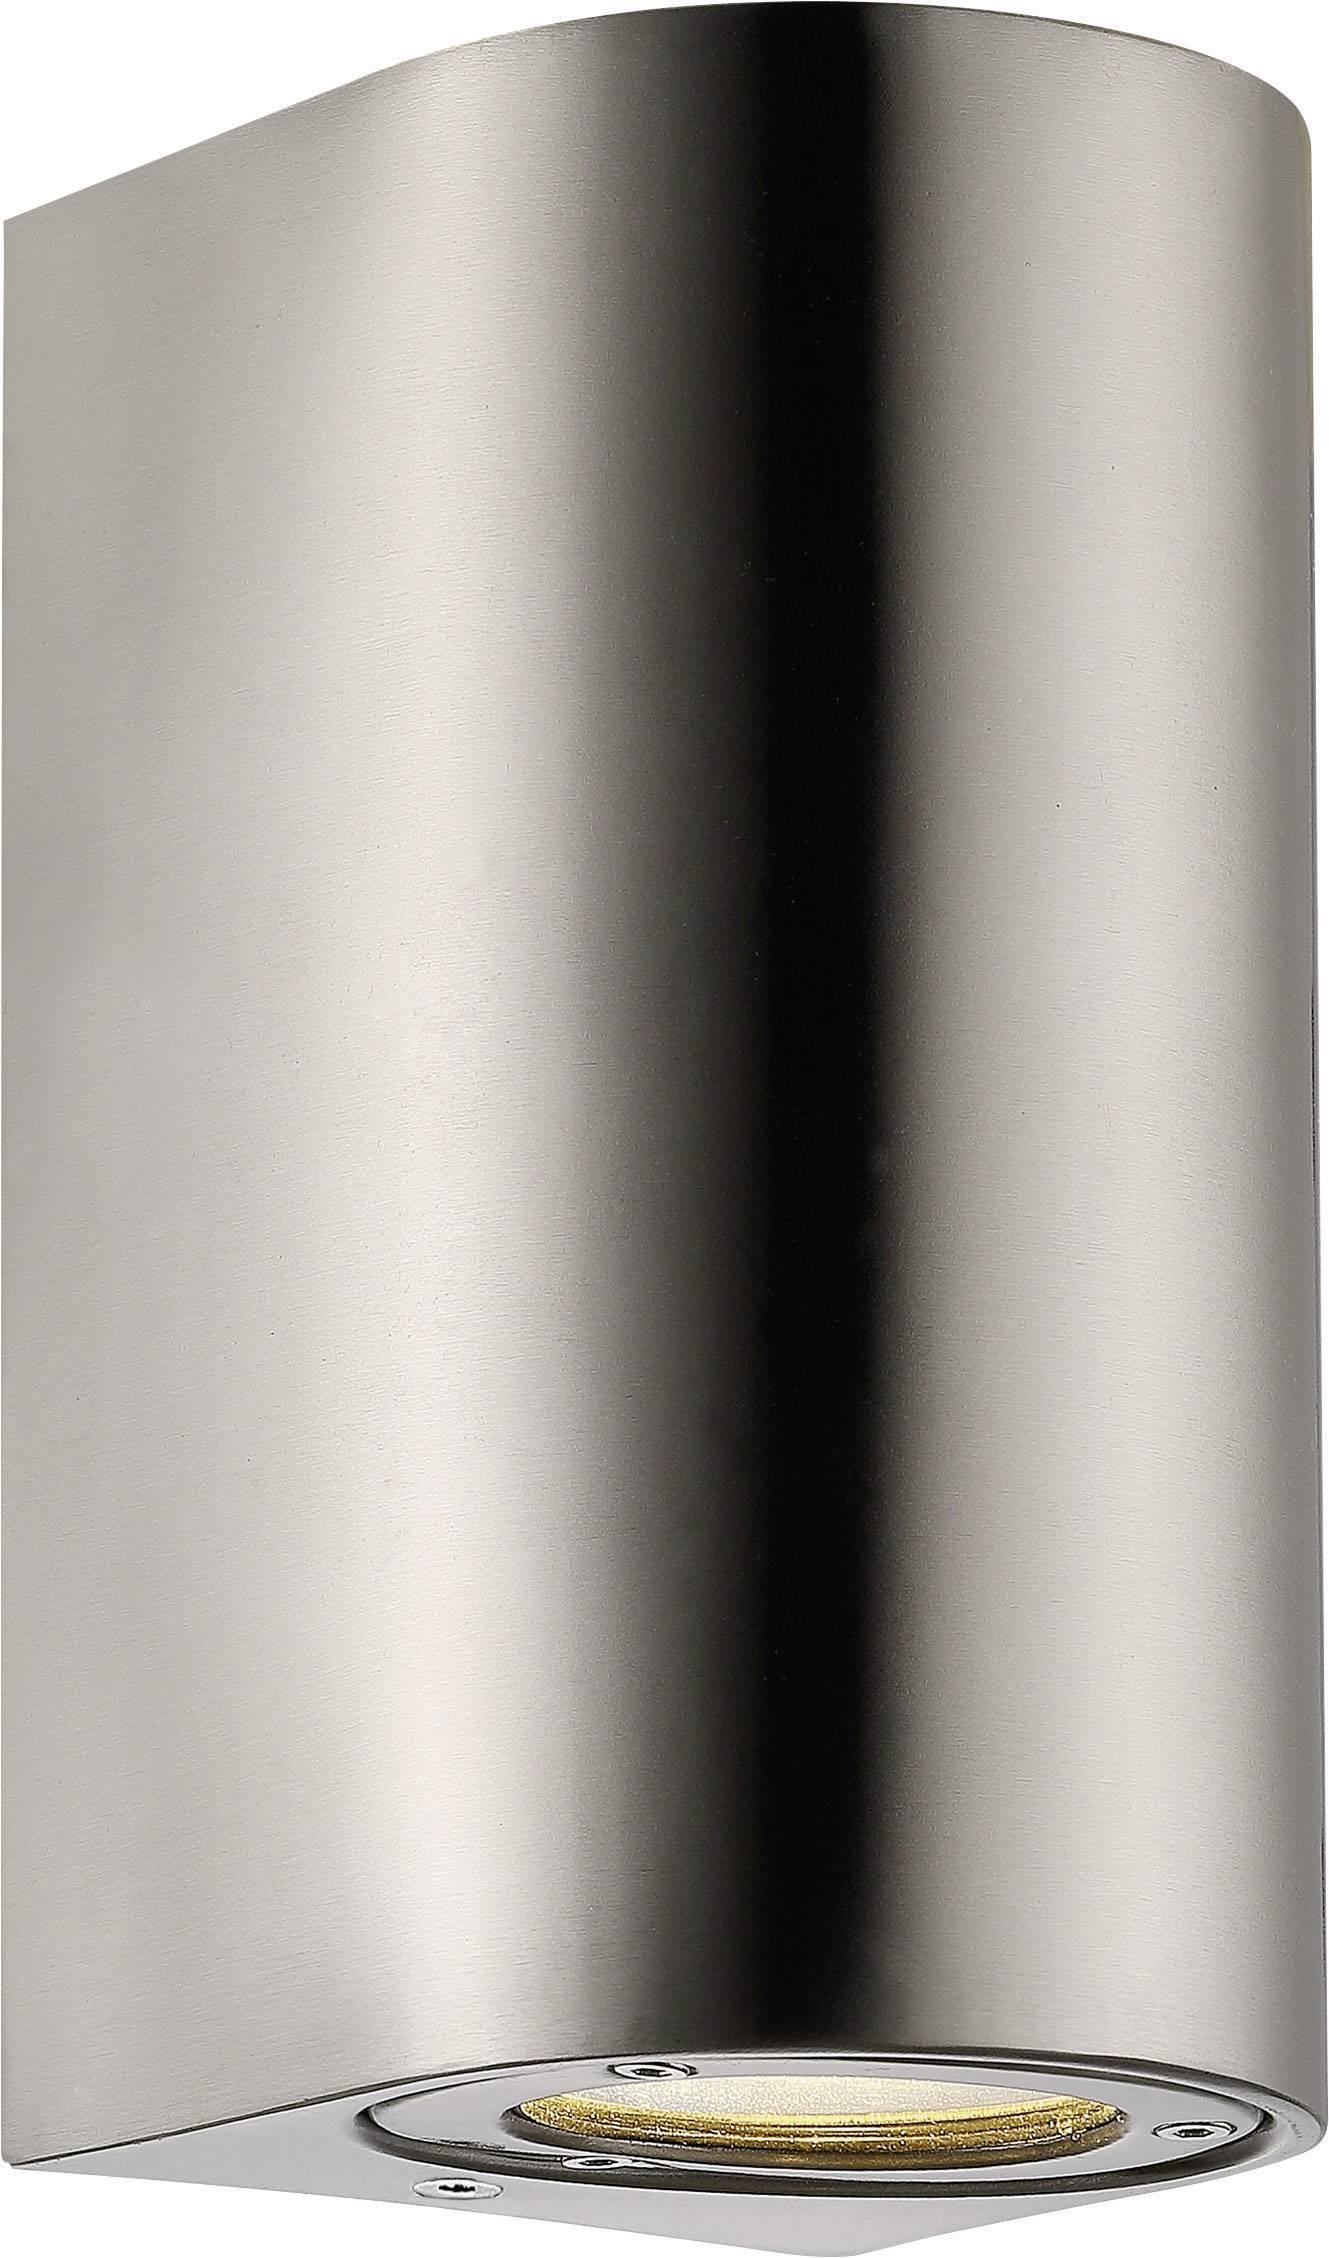 Venkovní nástěnné svítidlo Nordlux Canto Maxi 77561034, GU10, nerez